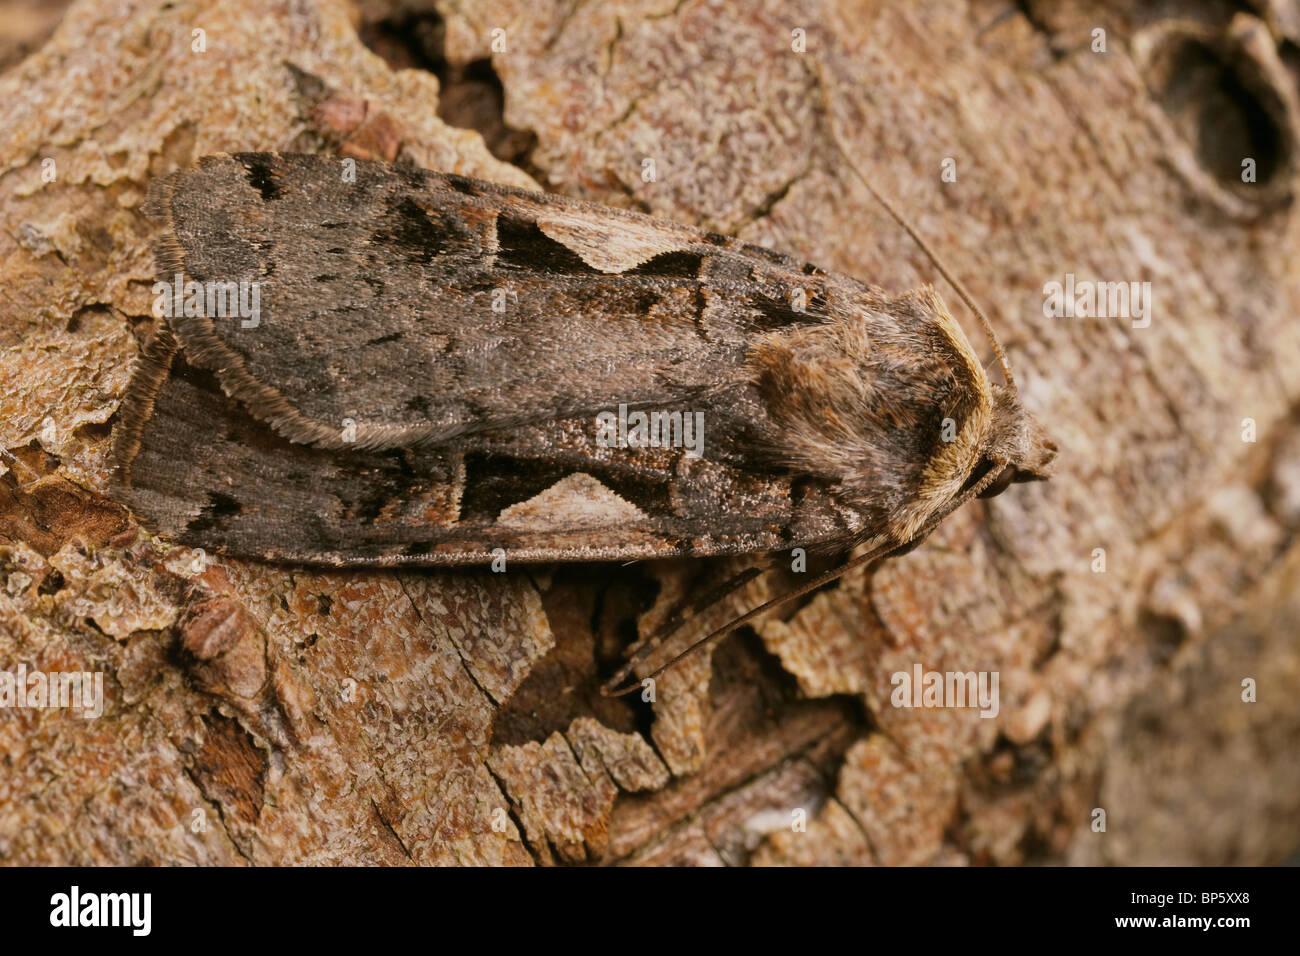 Setaceous Hebrew Character, Xestia c nigrum moth, UK - Stock Image